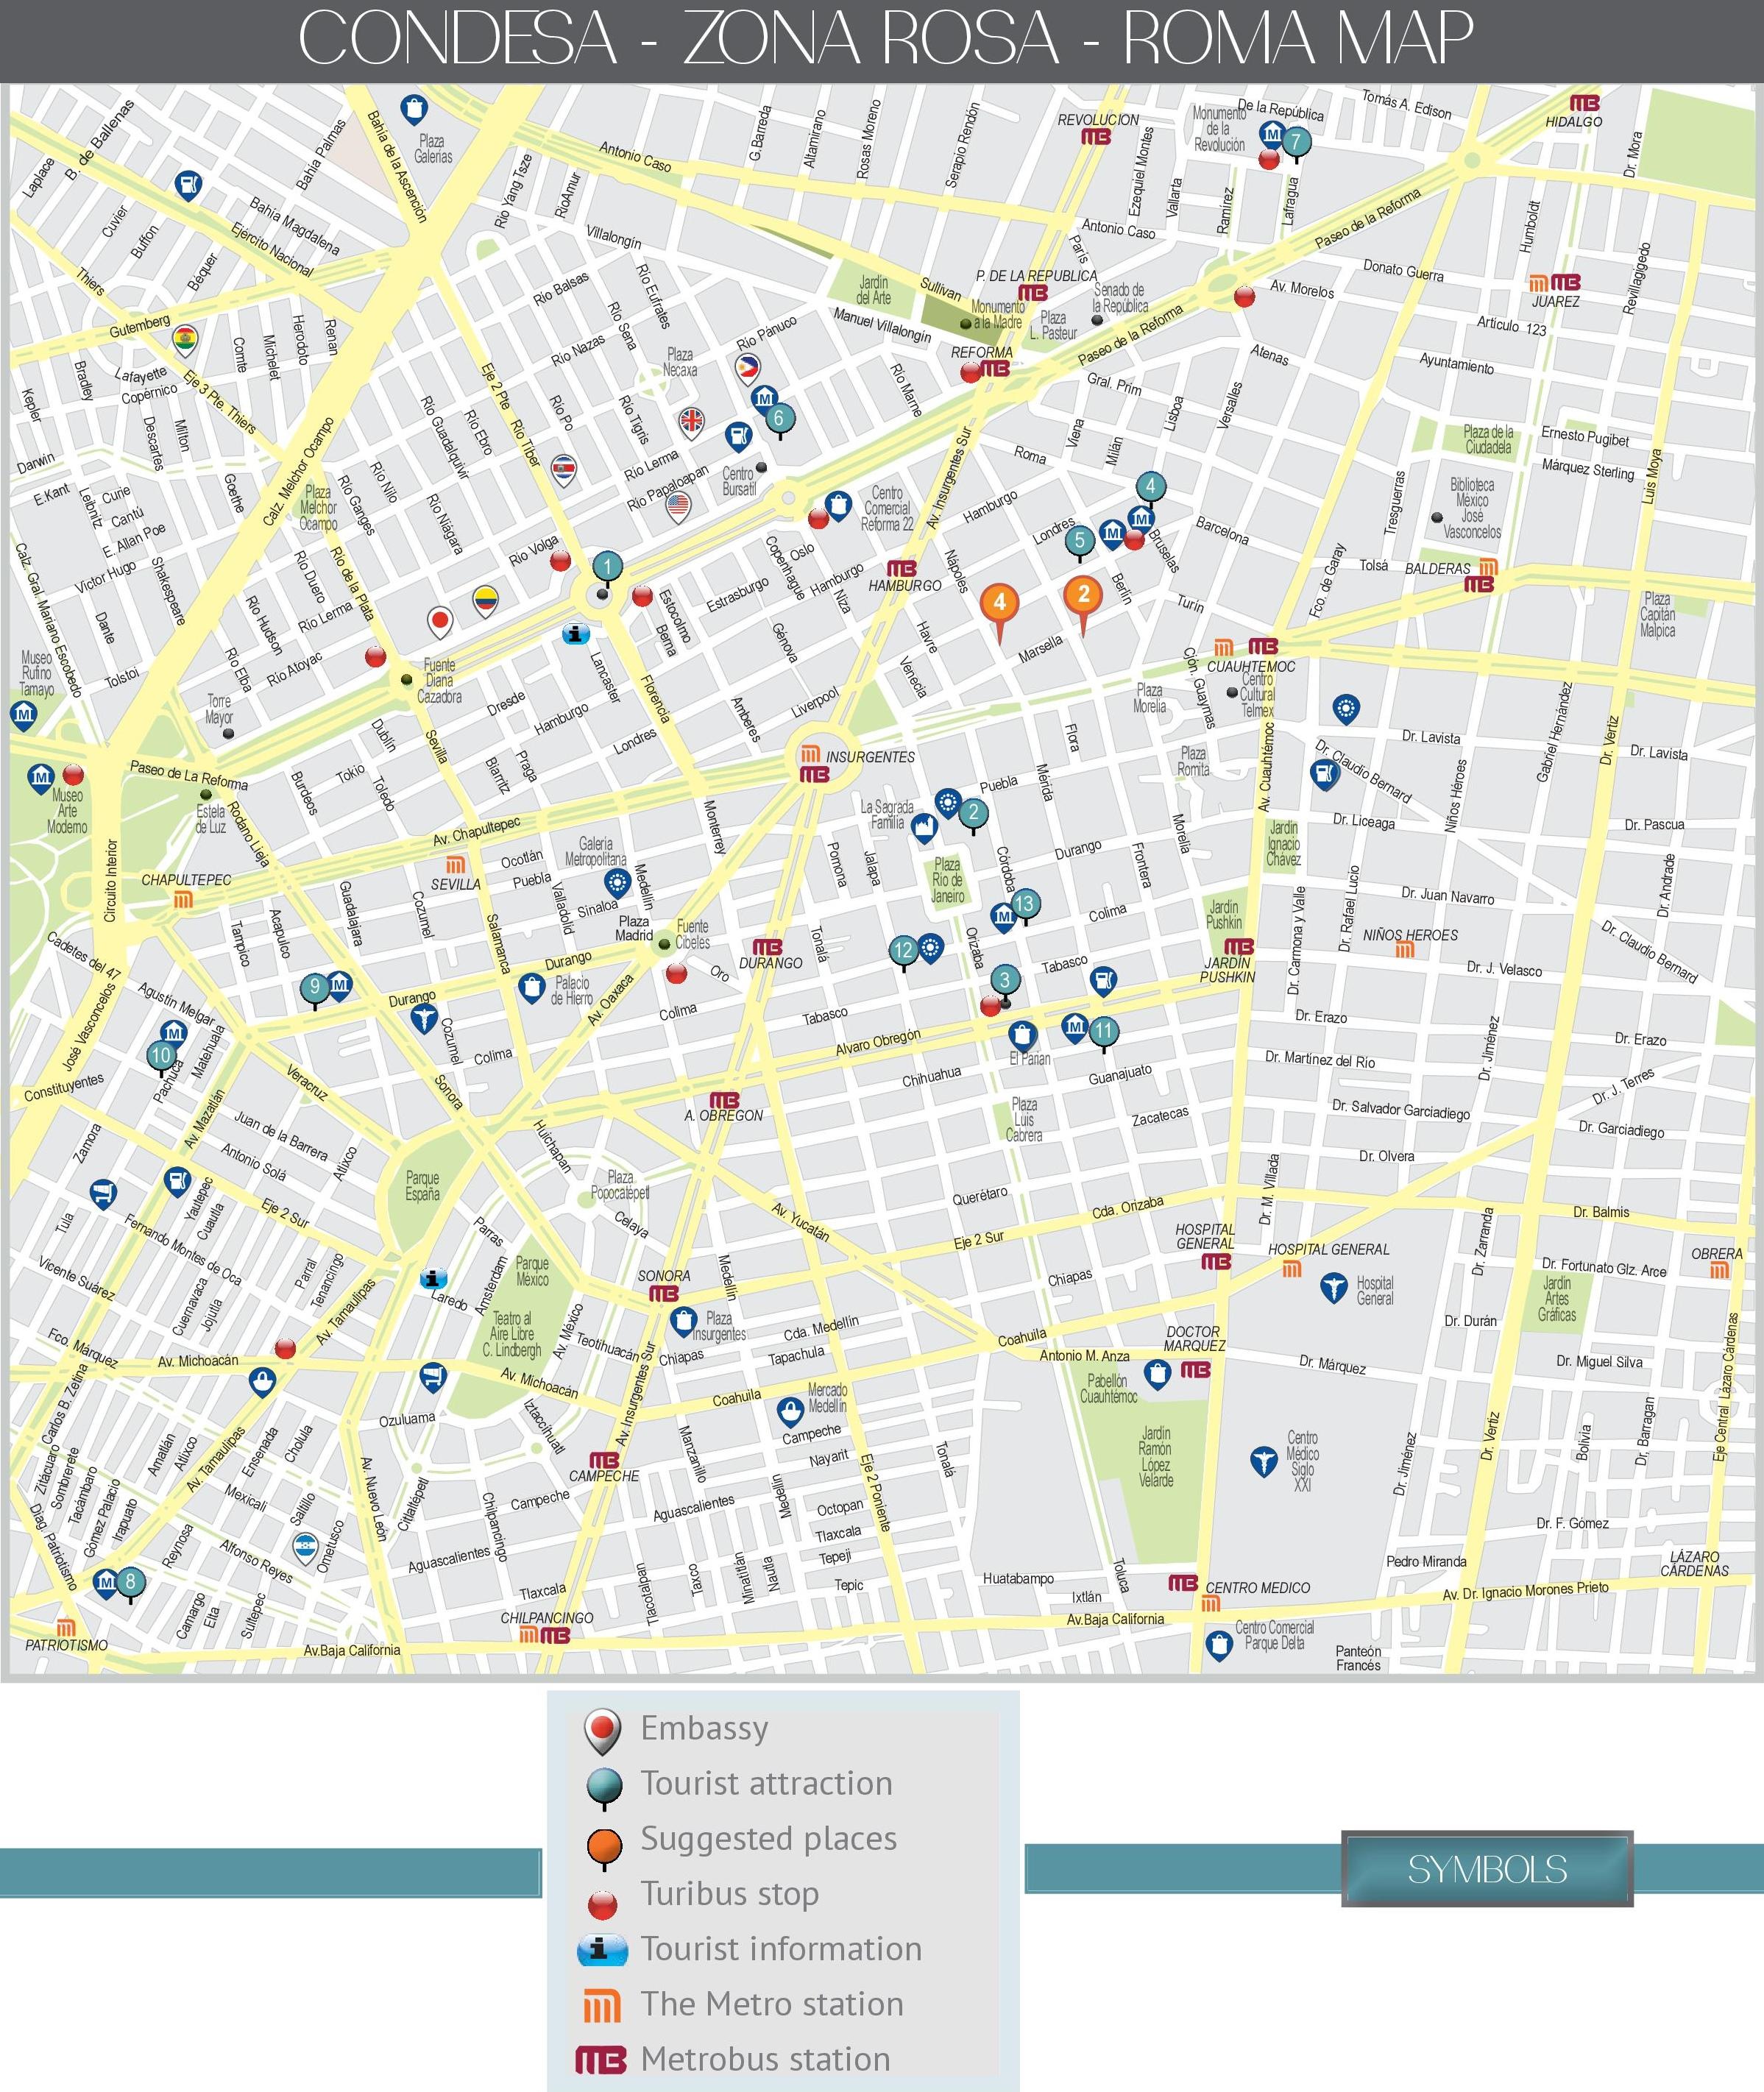 Zona Rosa Map Condesa, Zona Rosa and Roma map (Mexico City)